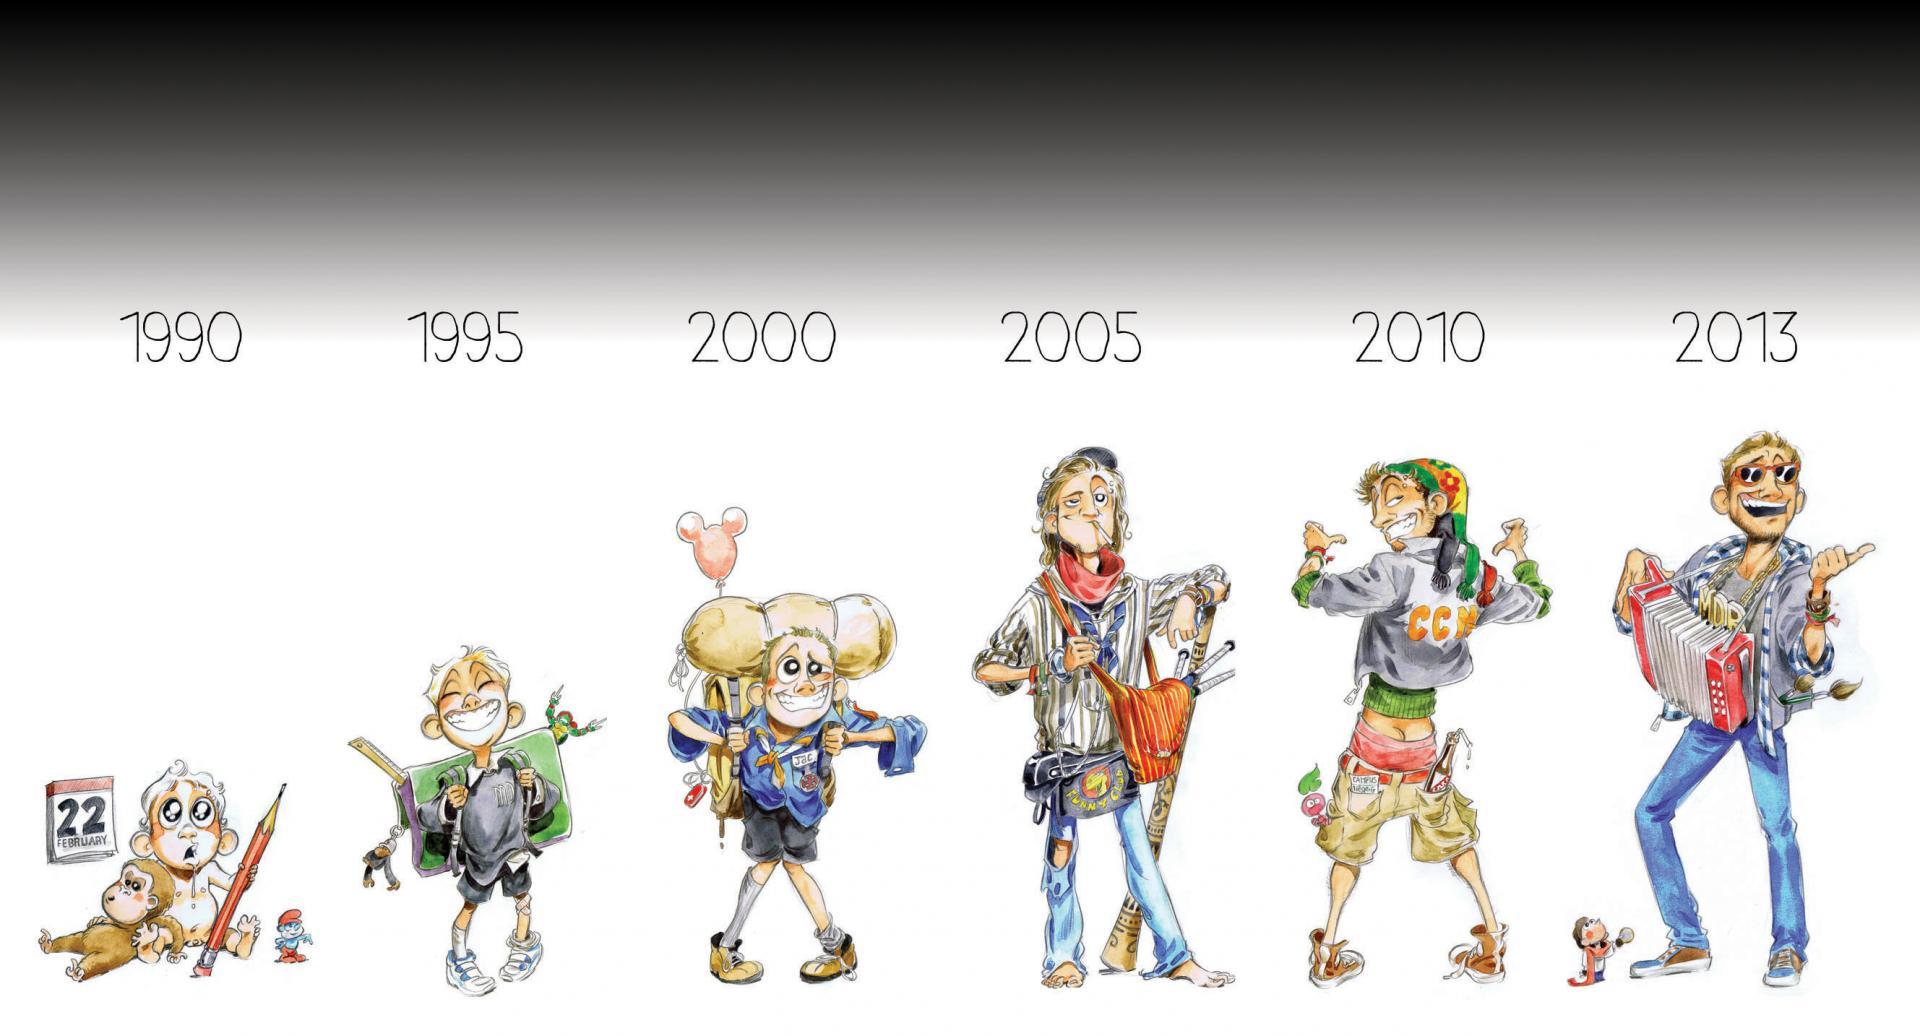 Olsen through time